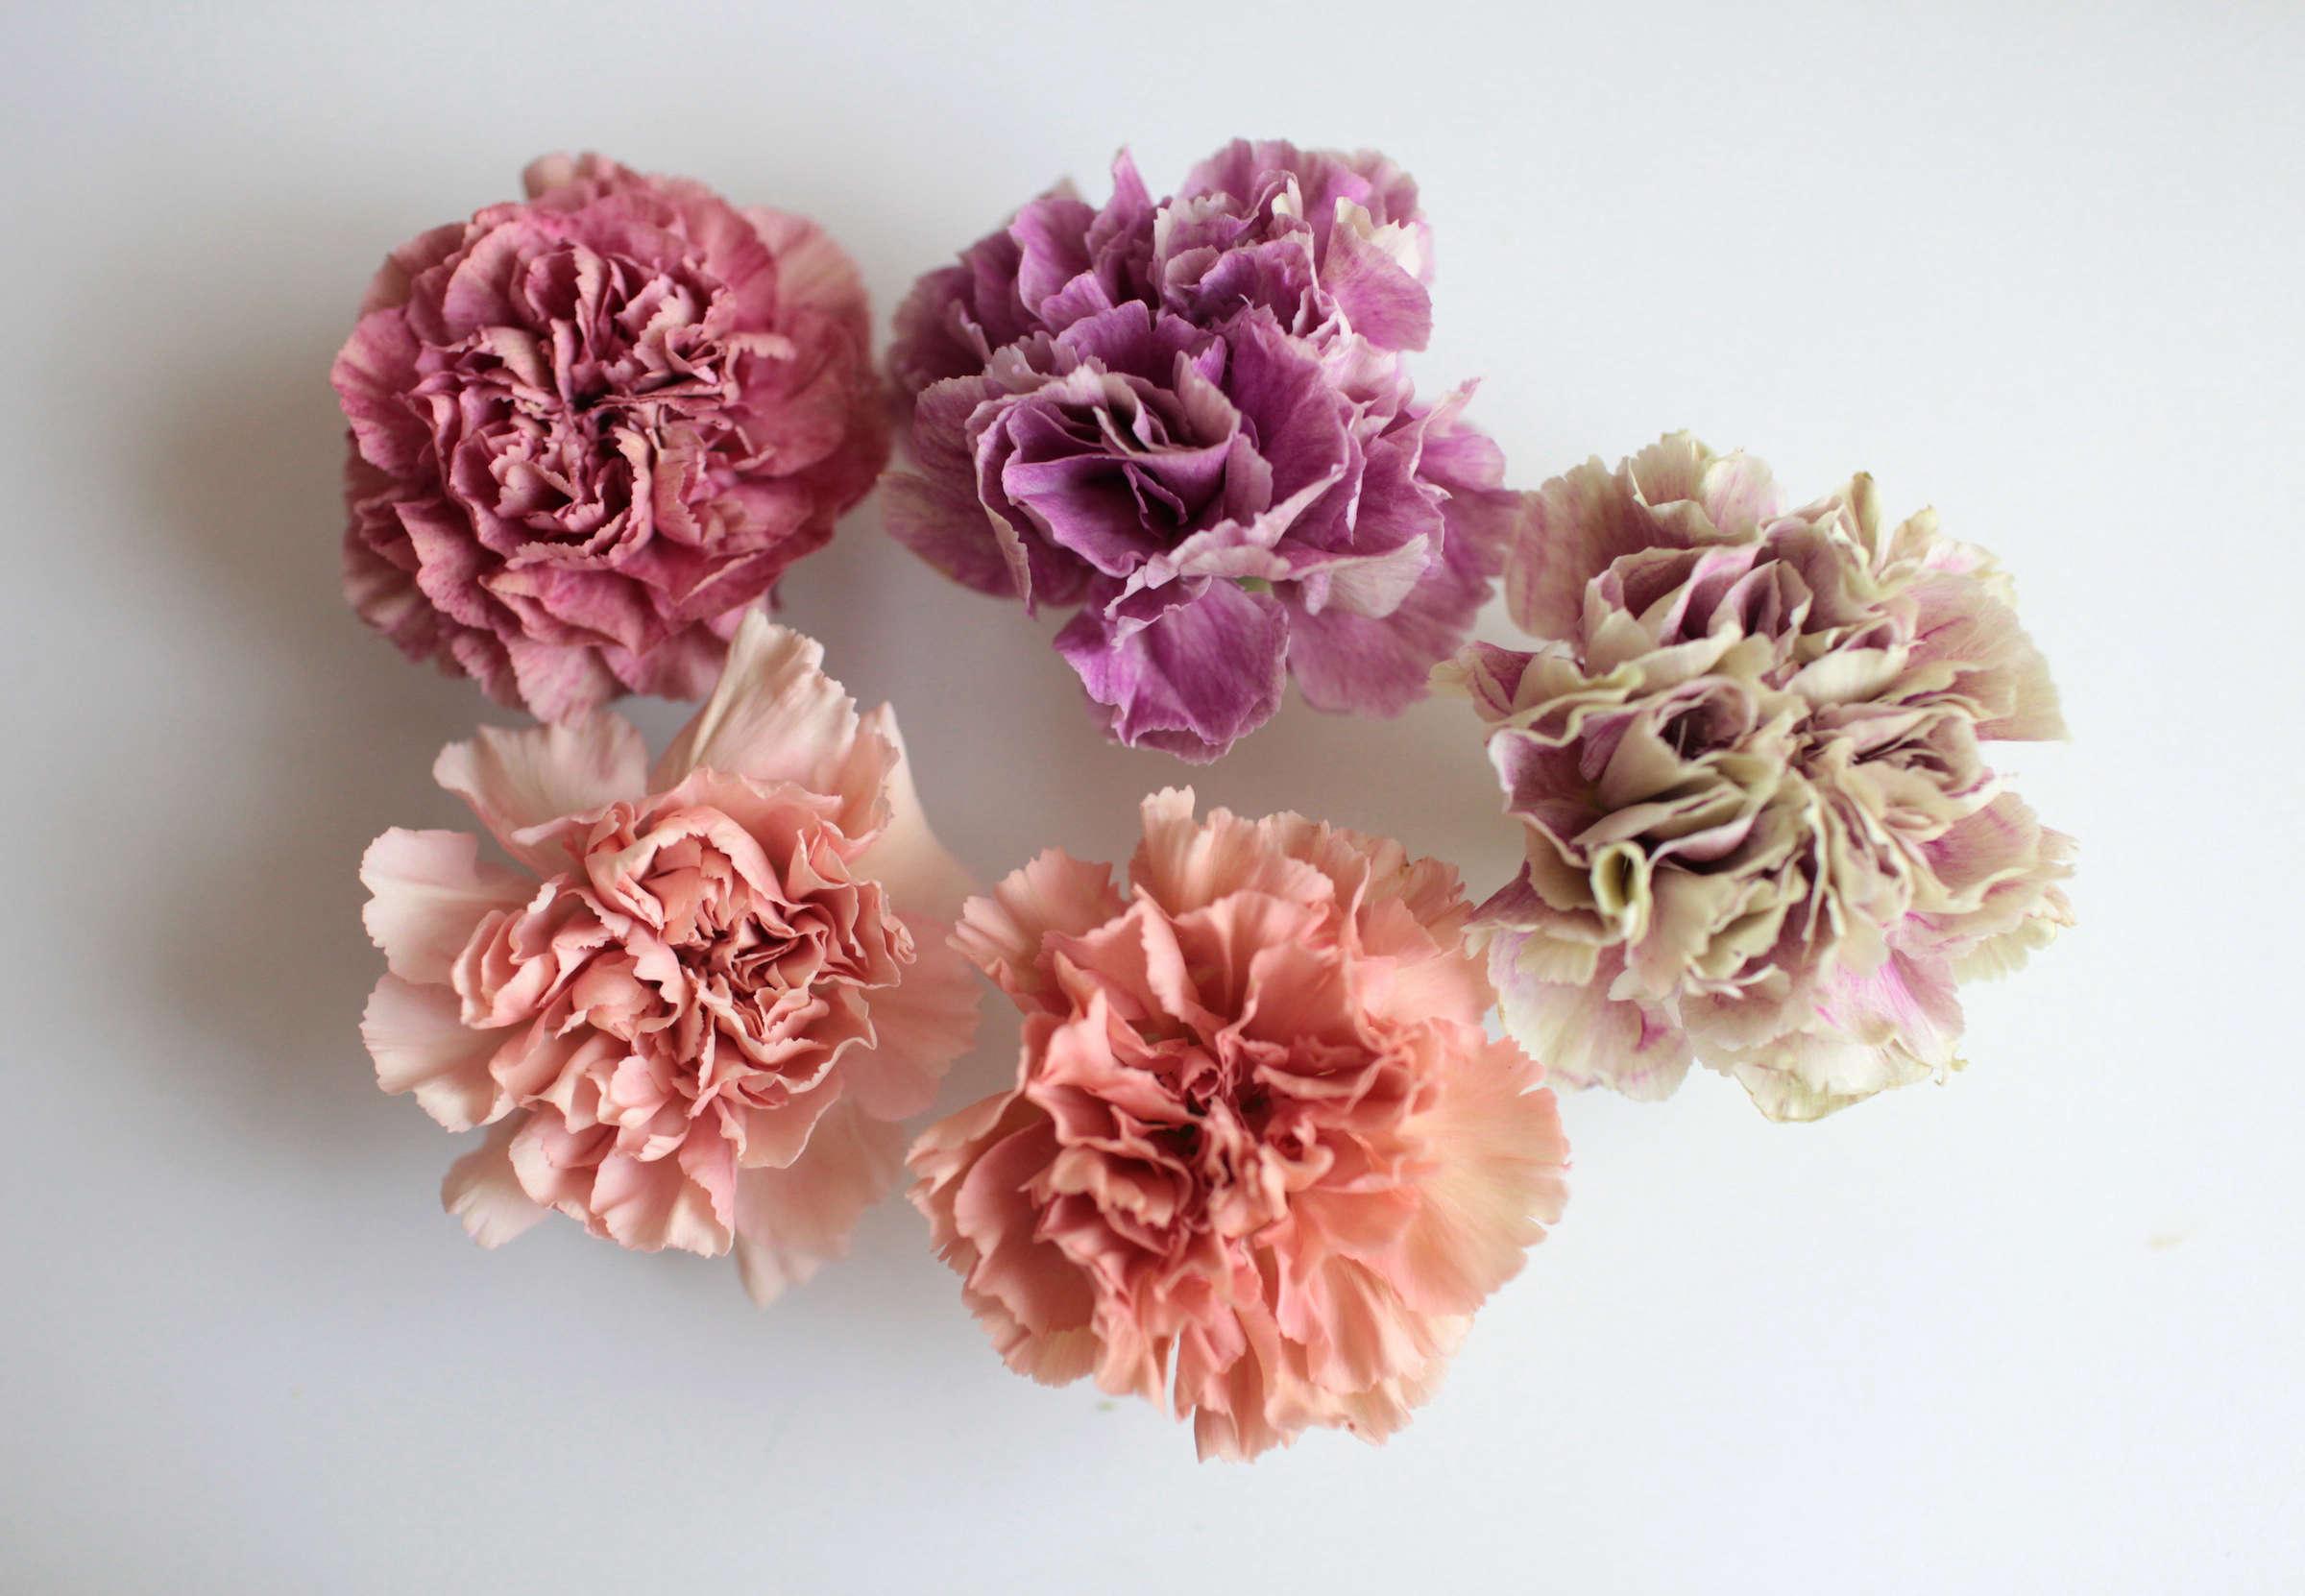 Carnations: Rethinking a Supermarket Flower - Gardenista